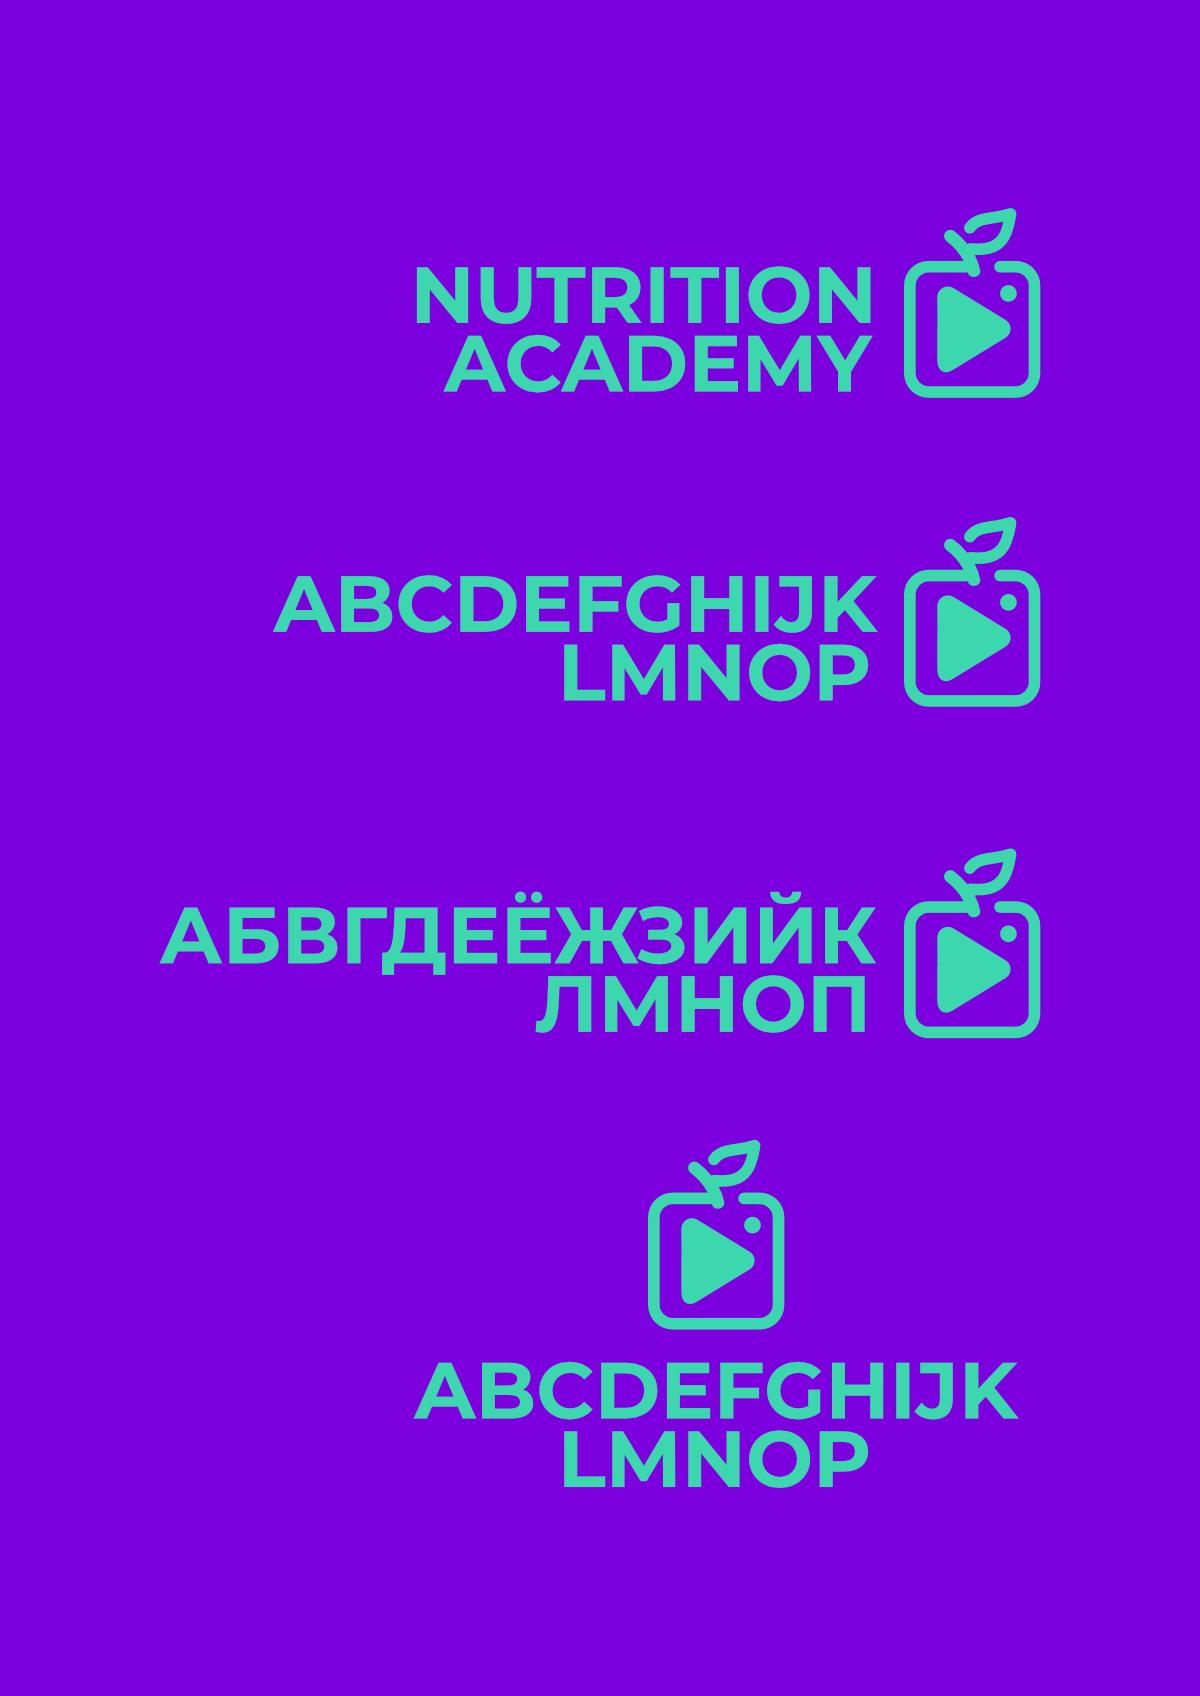 NutritionAcademy logo14 1